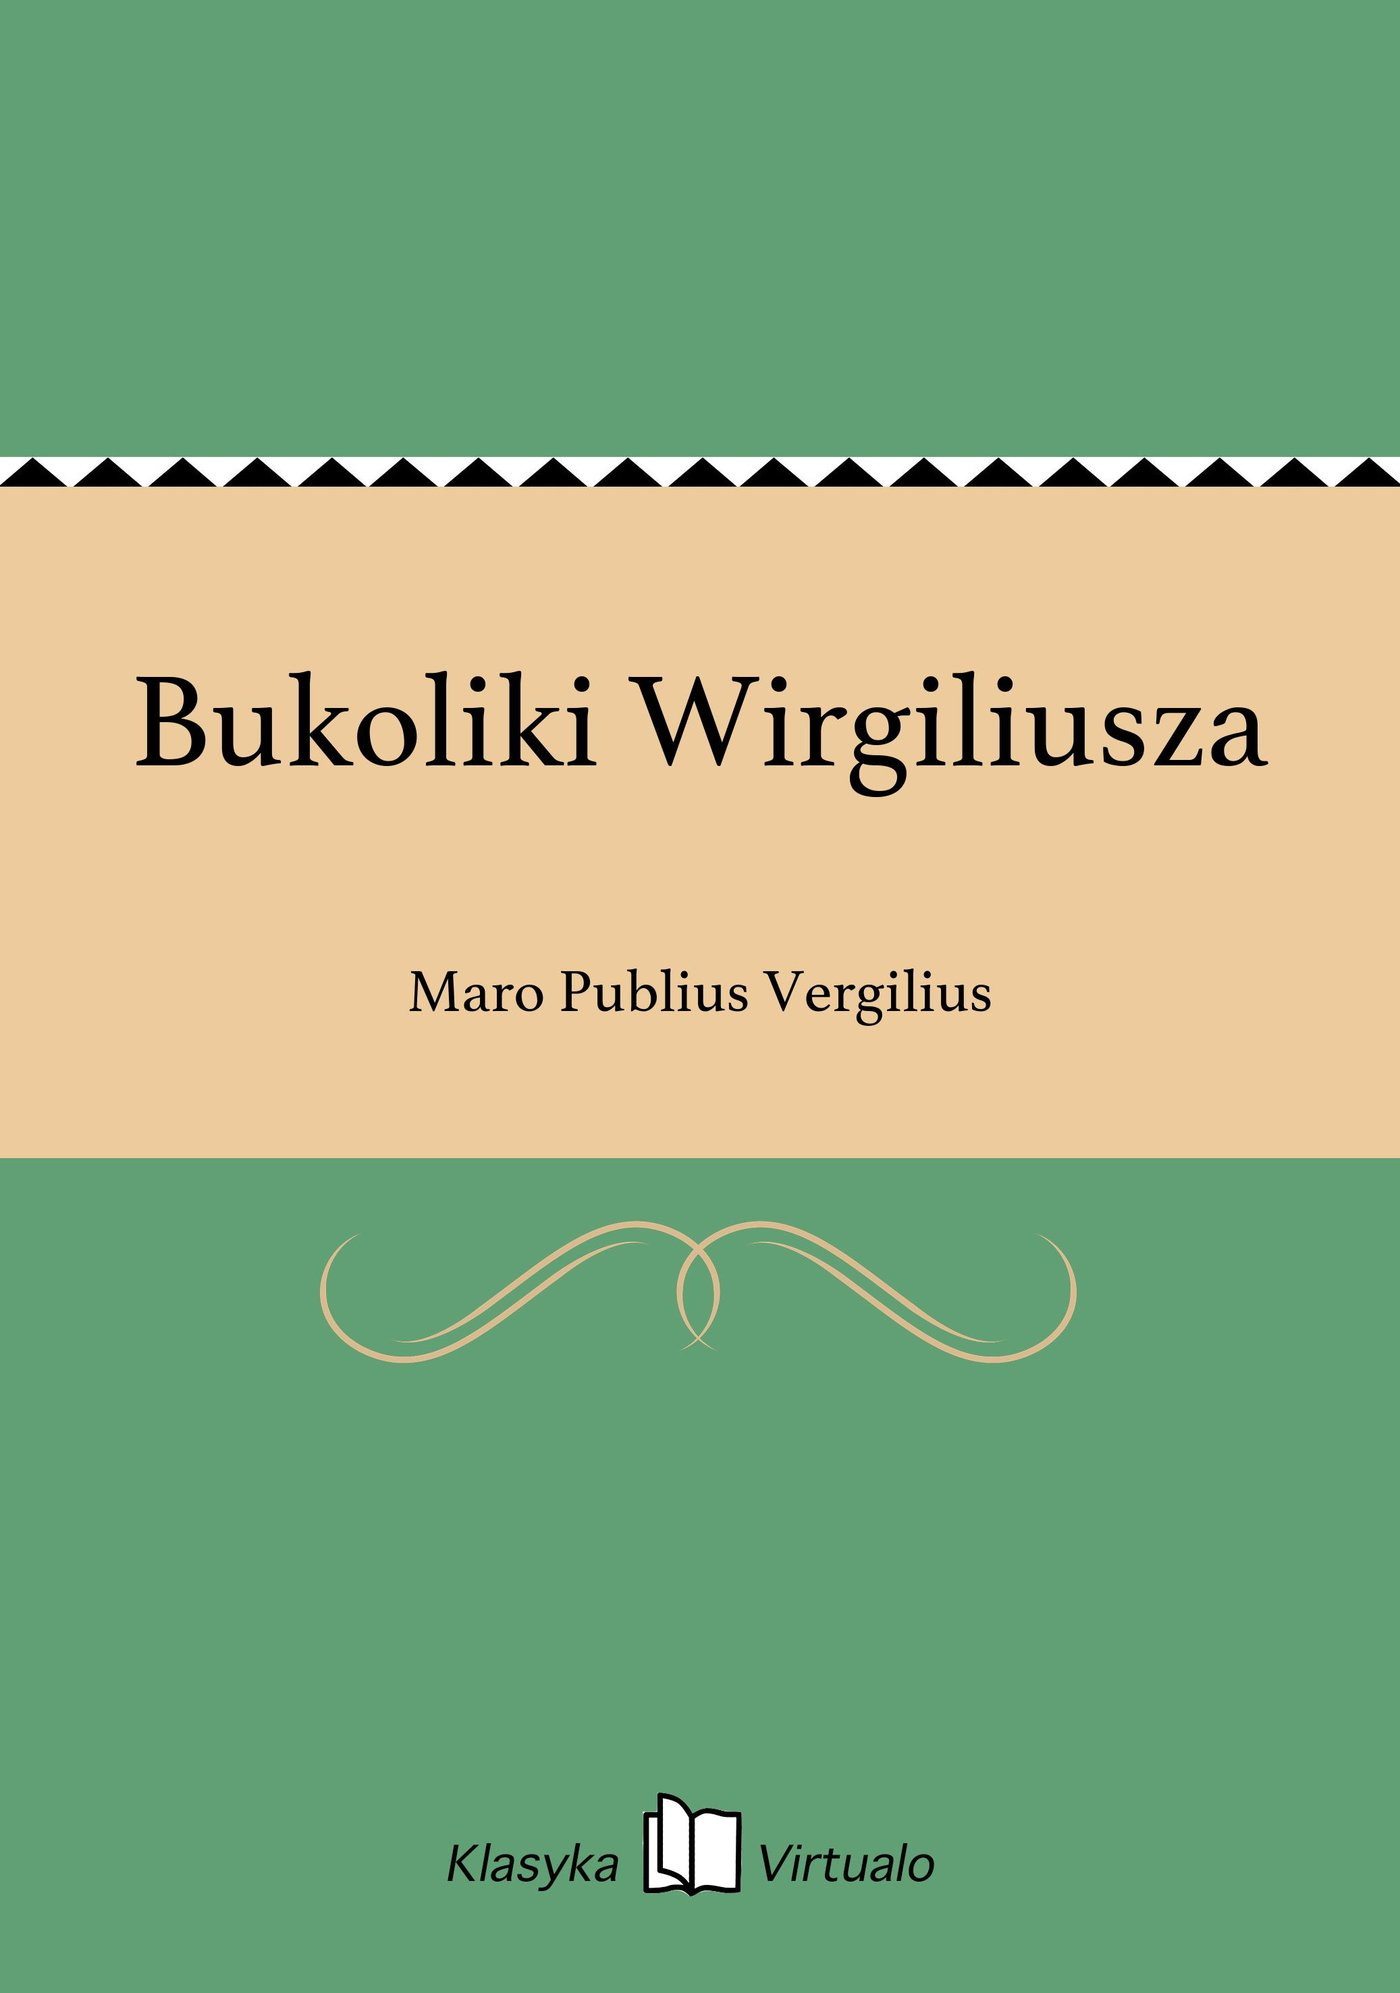 Bukoliki Wirgiliusza - Ebook (Książka EPUB) do pobrania w formacie EPUB